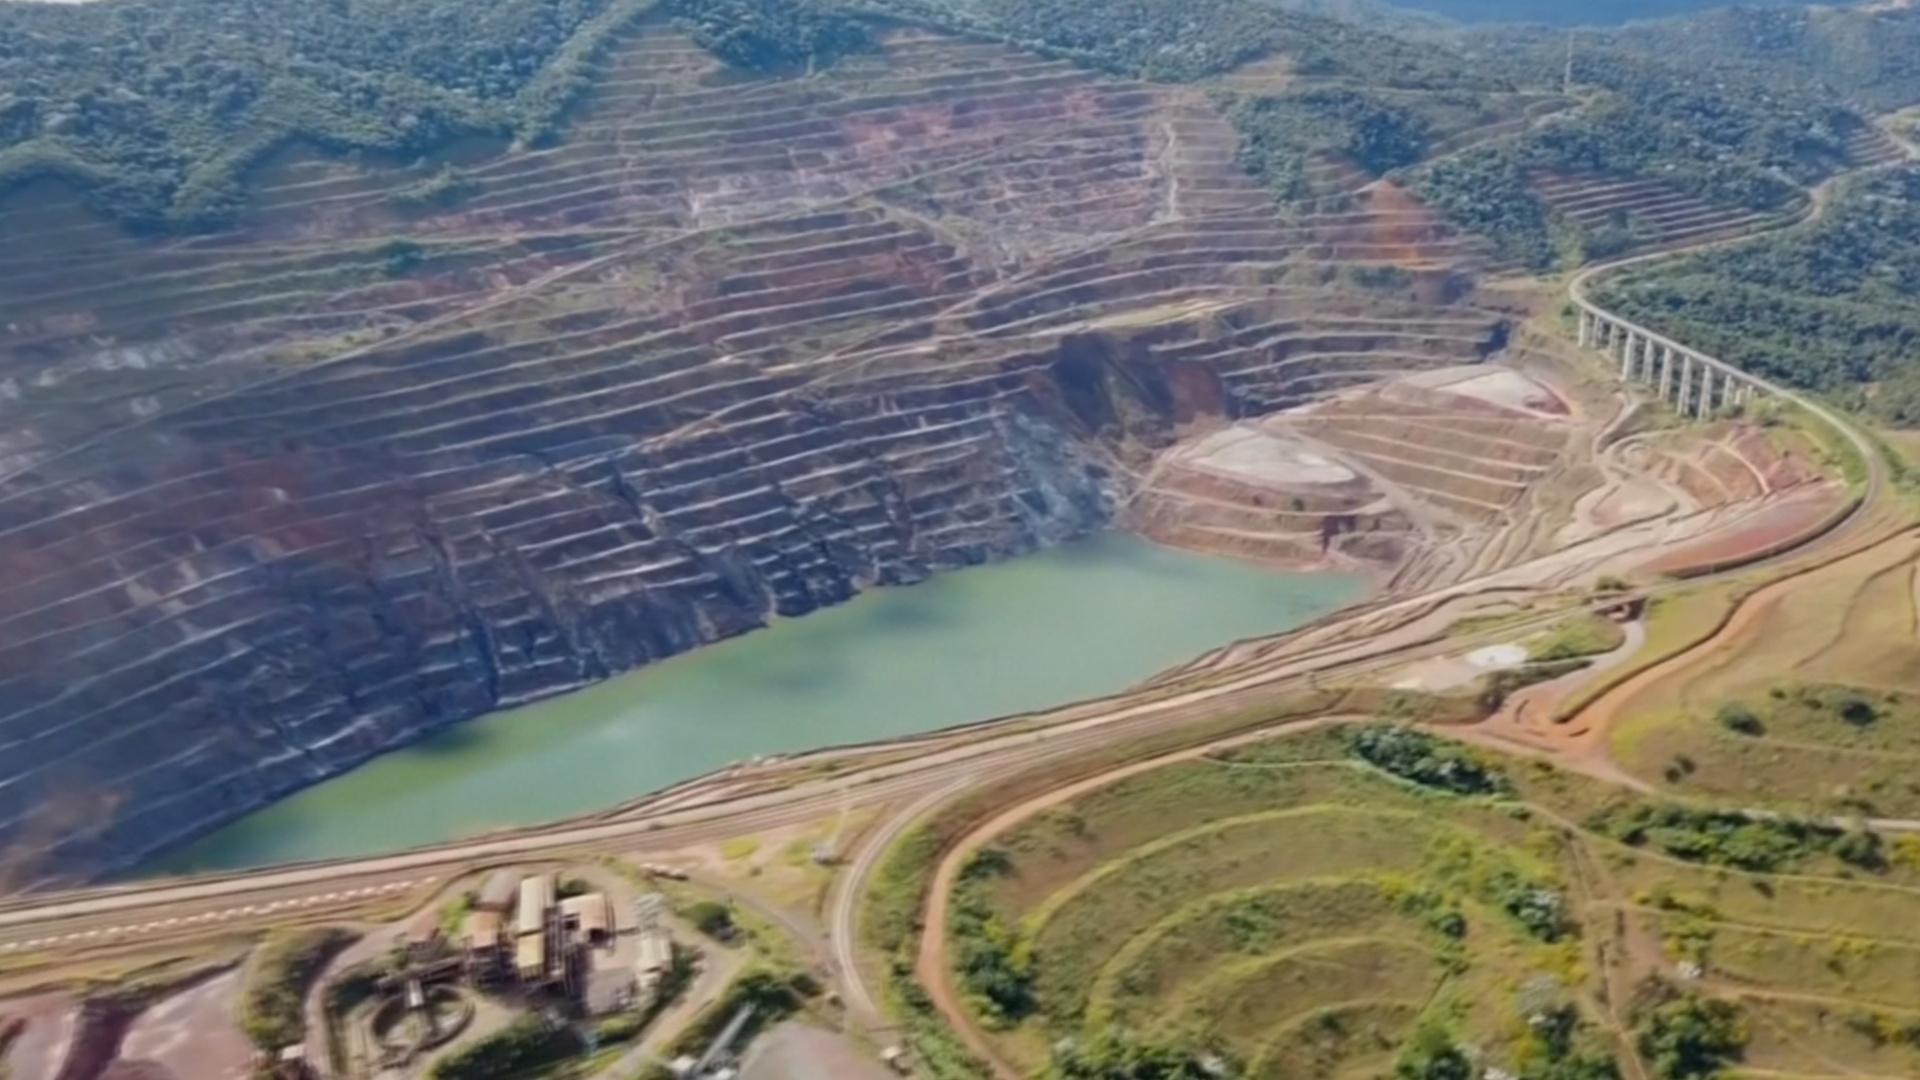 Бразильский город может исчезнуть из-за прорыва дамбы